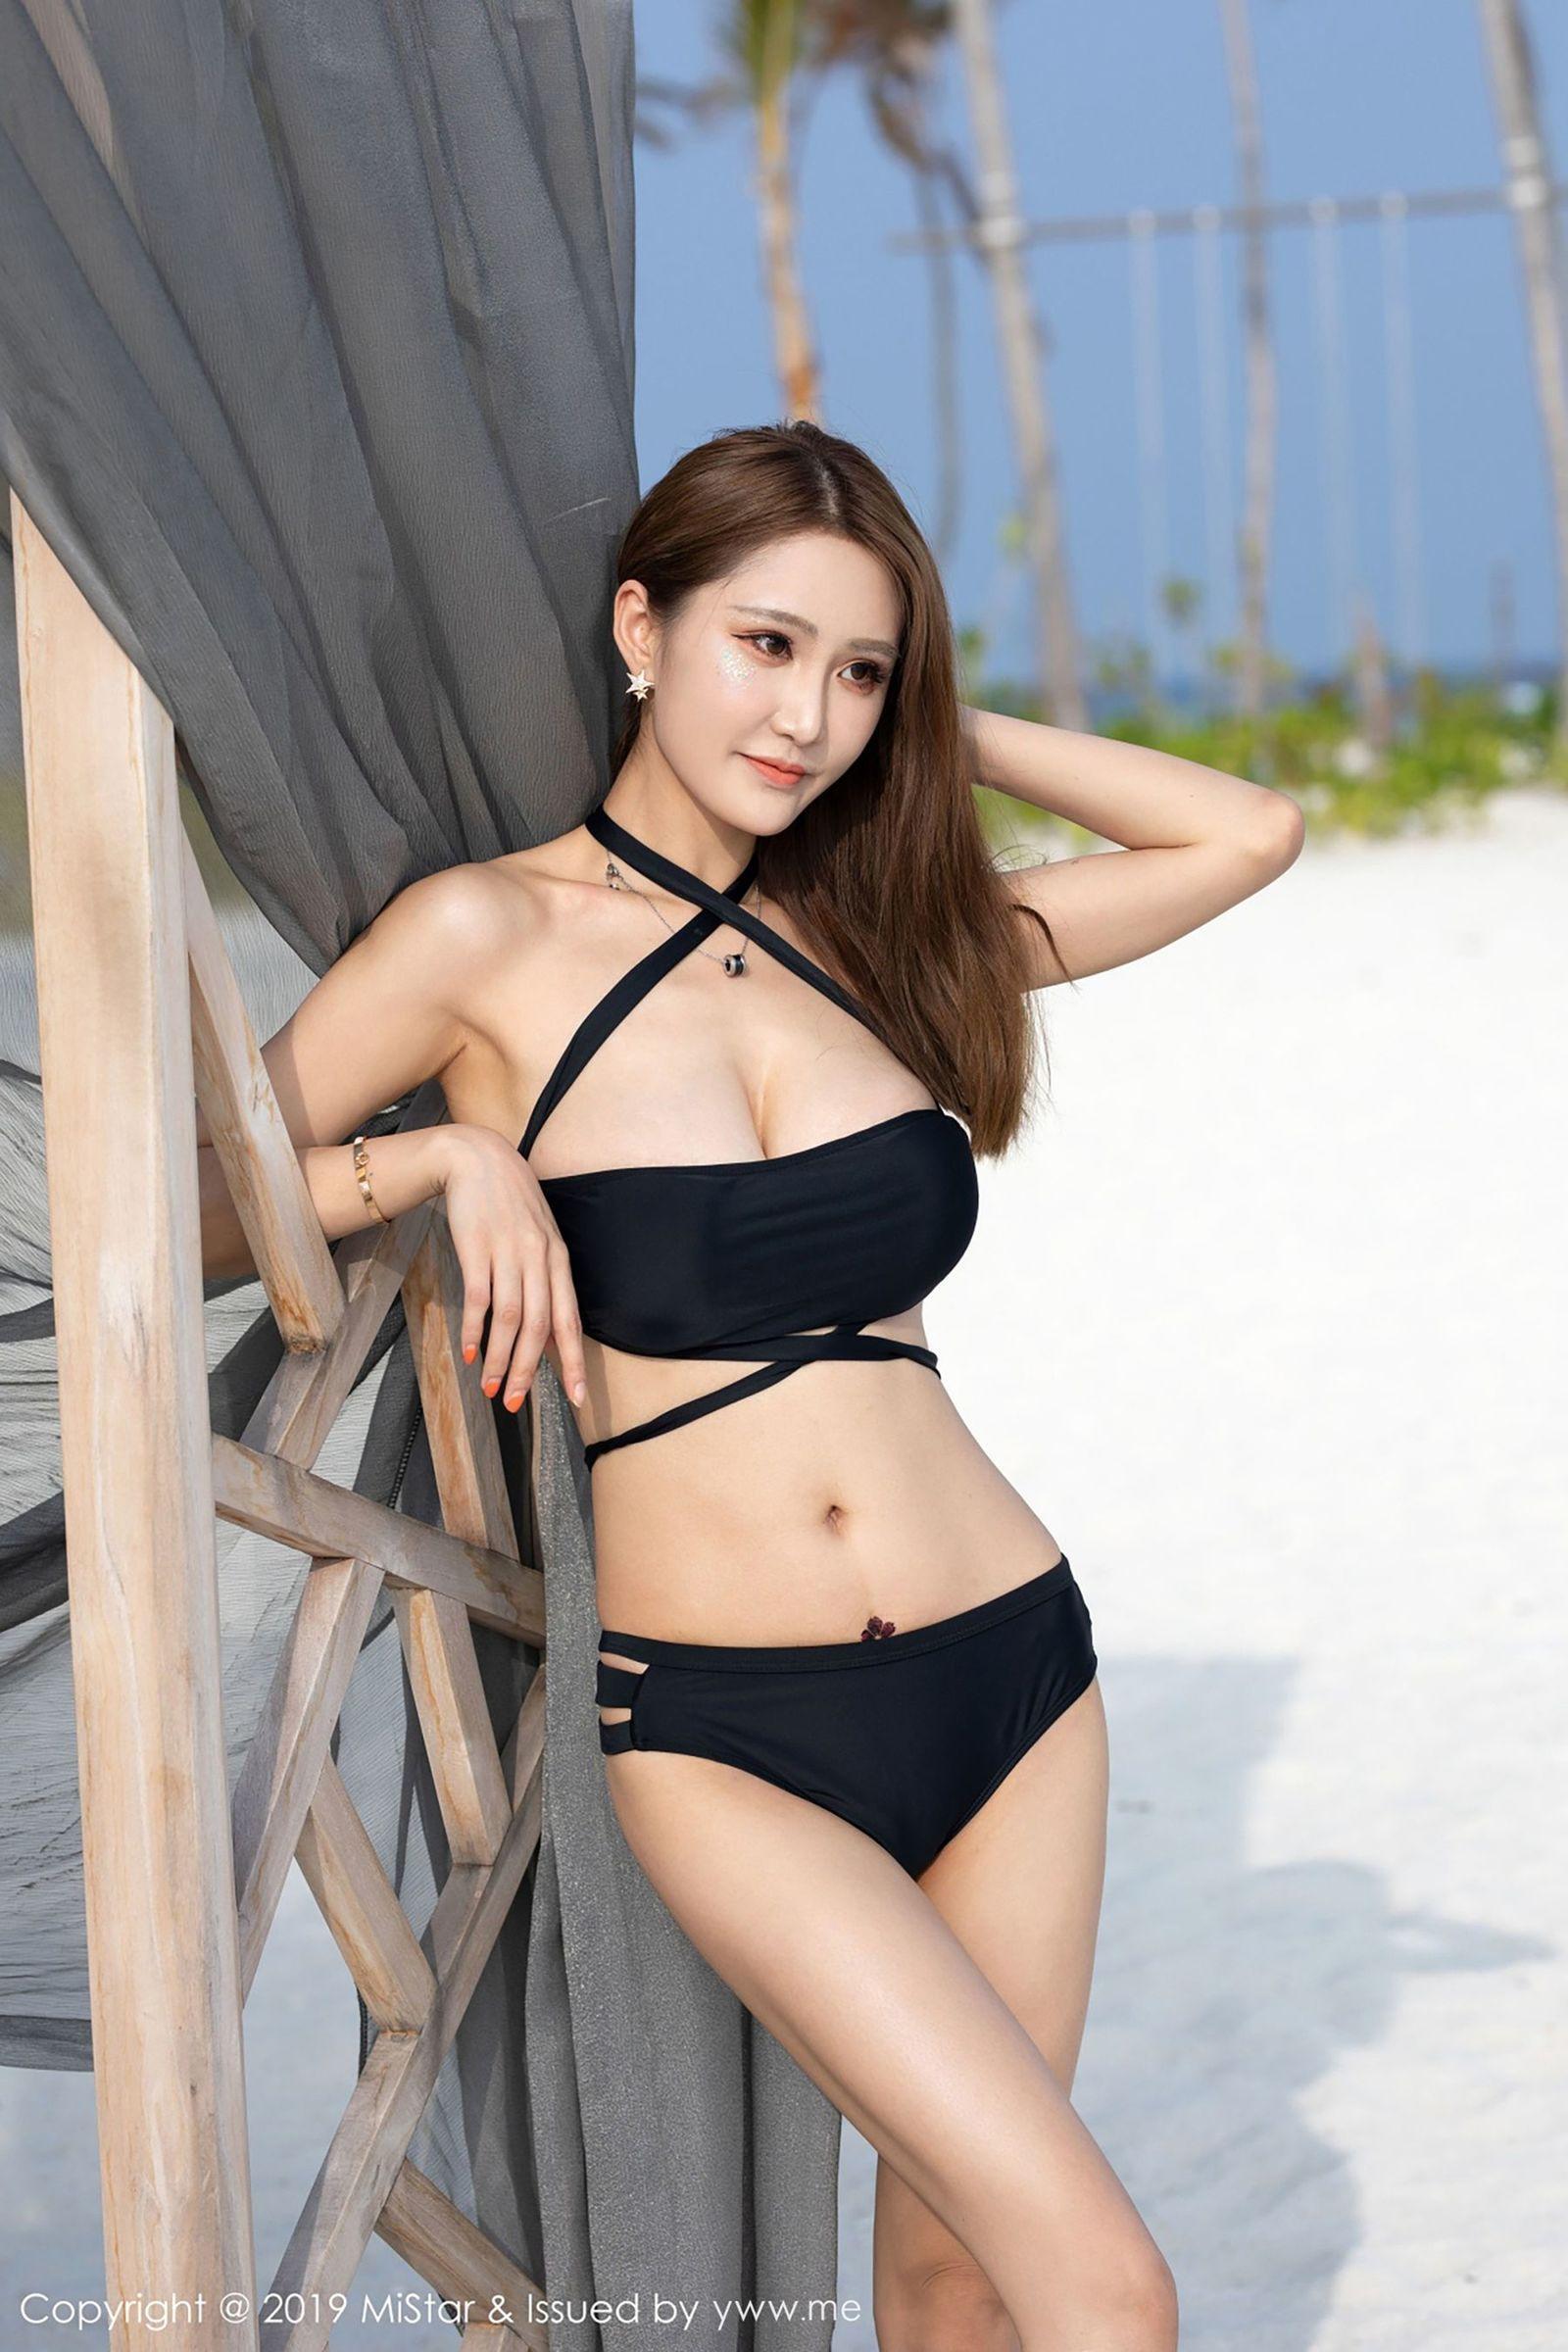 MMY-011校园极品素人美女日式制服室内脱衣黑丝性感养眼写真